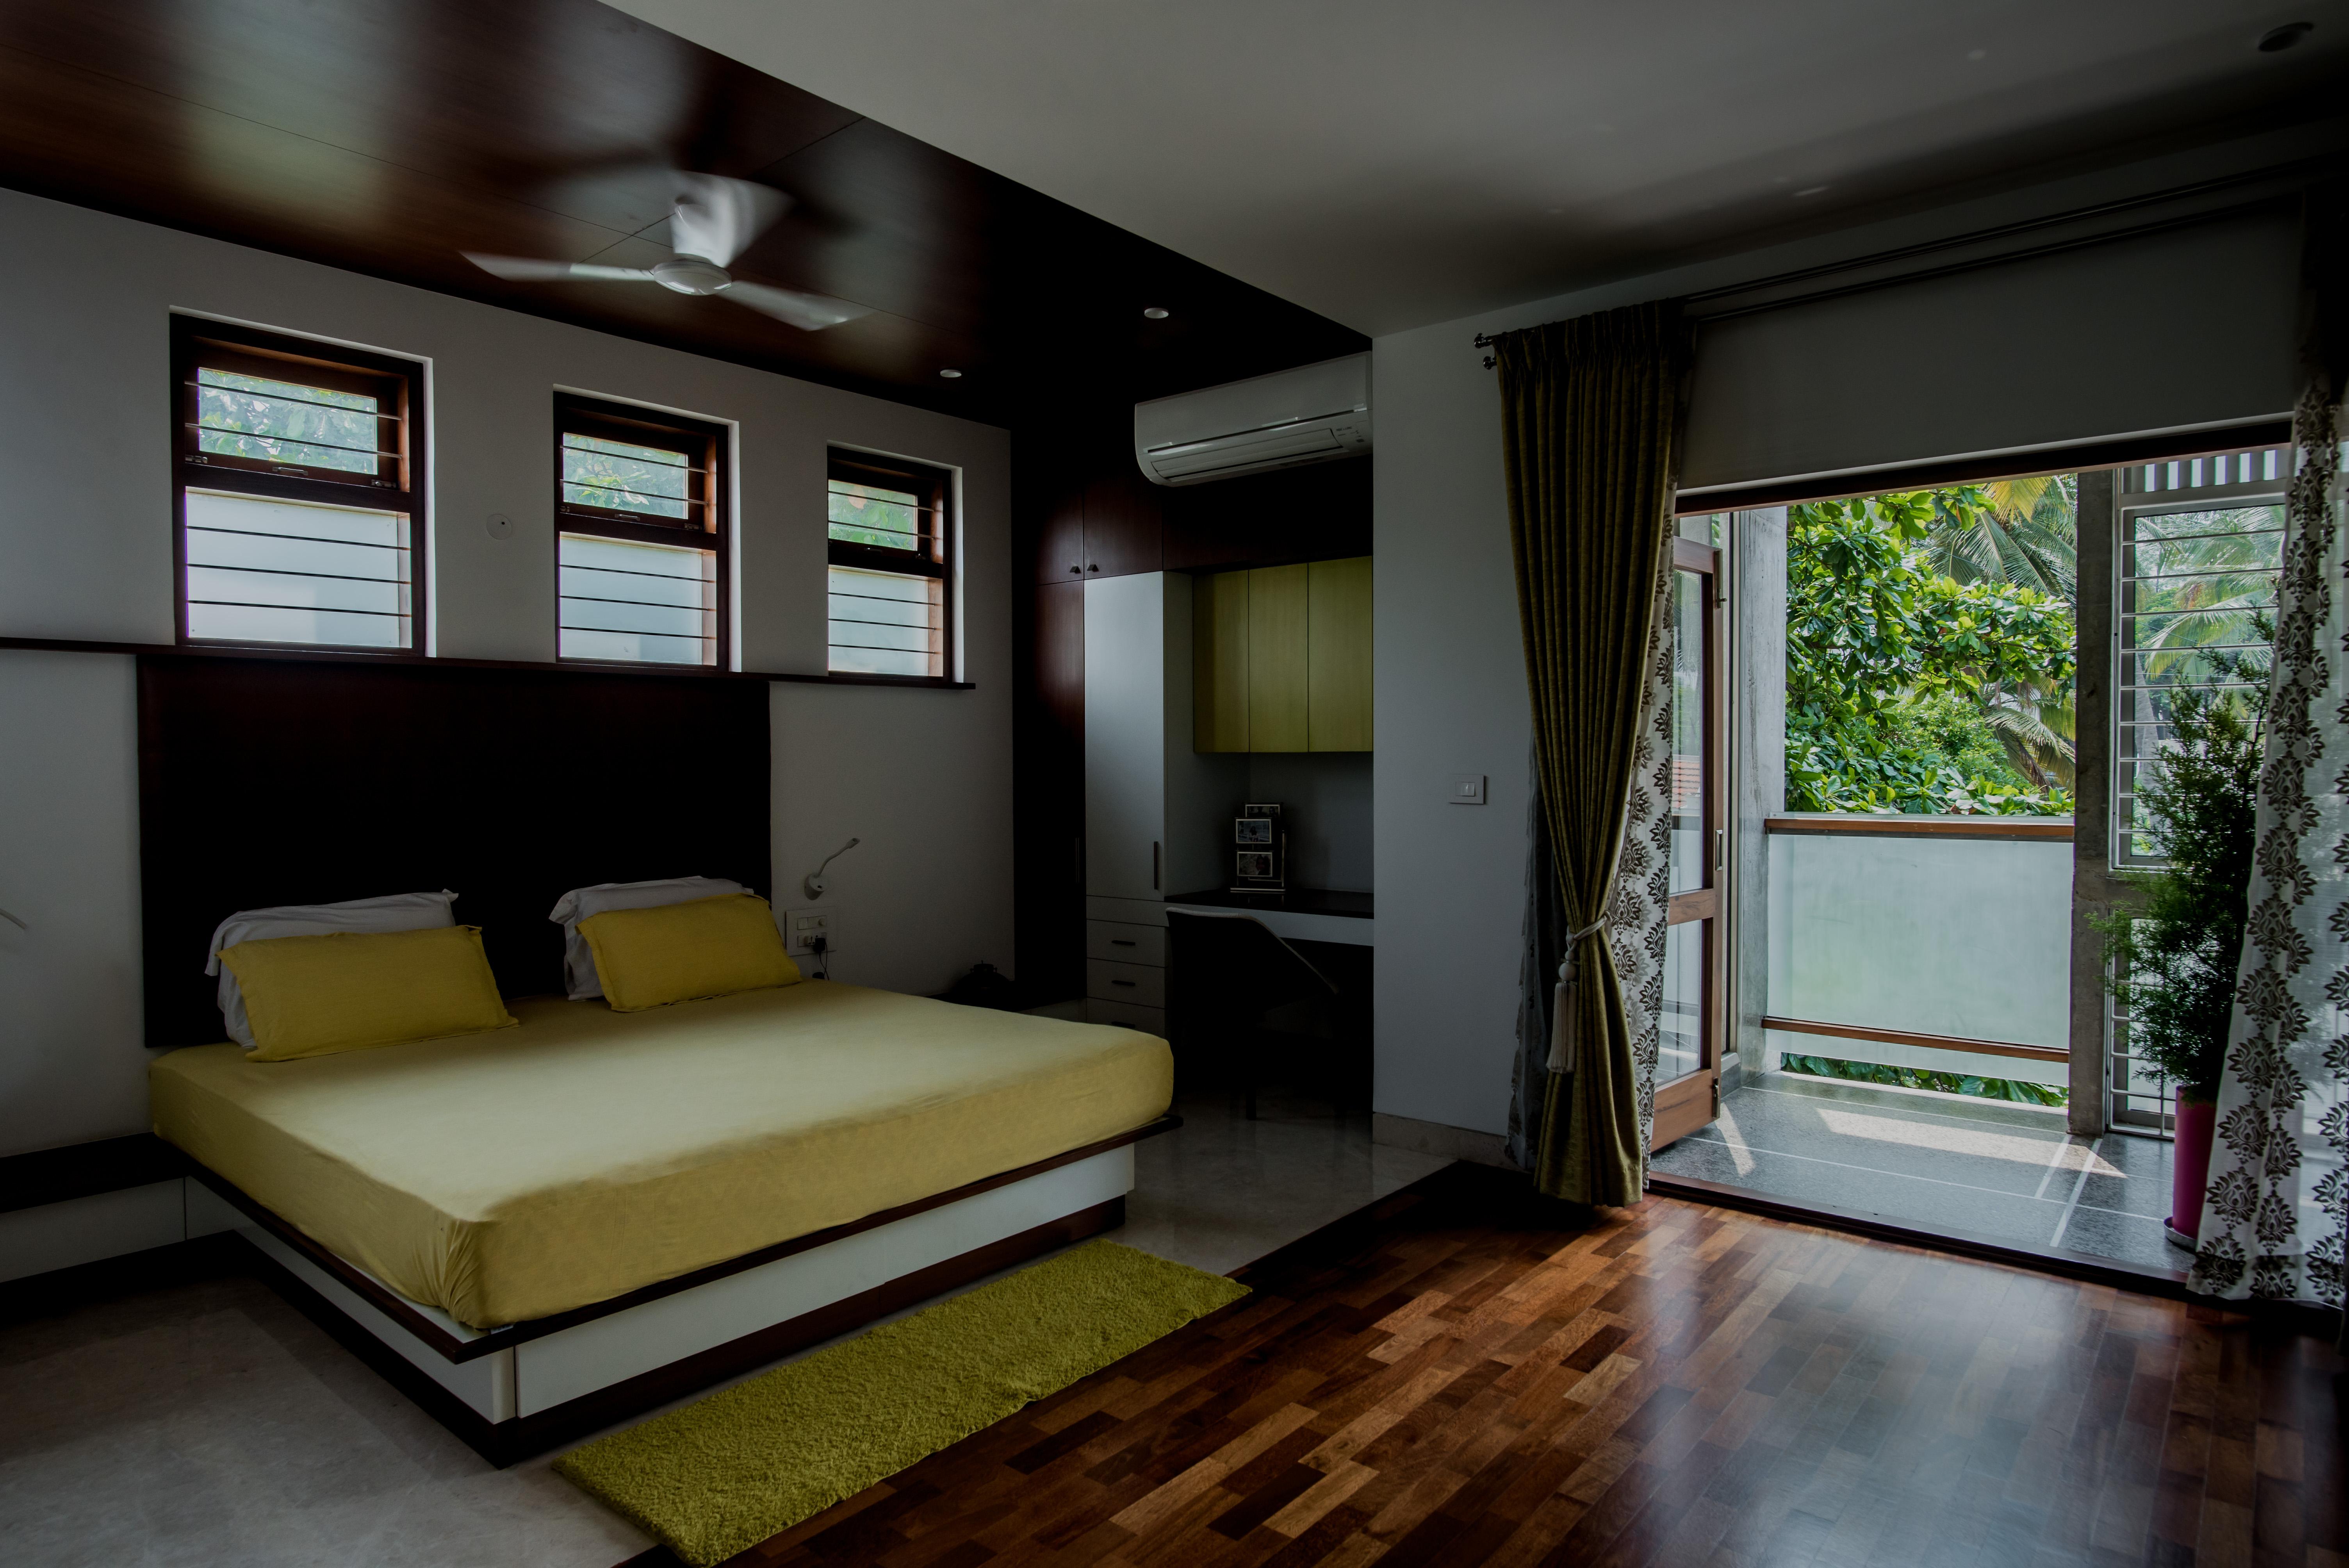 View of Bedroom overlooking the Balcony